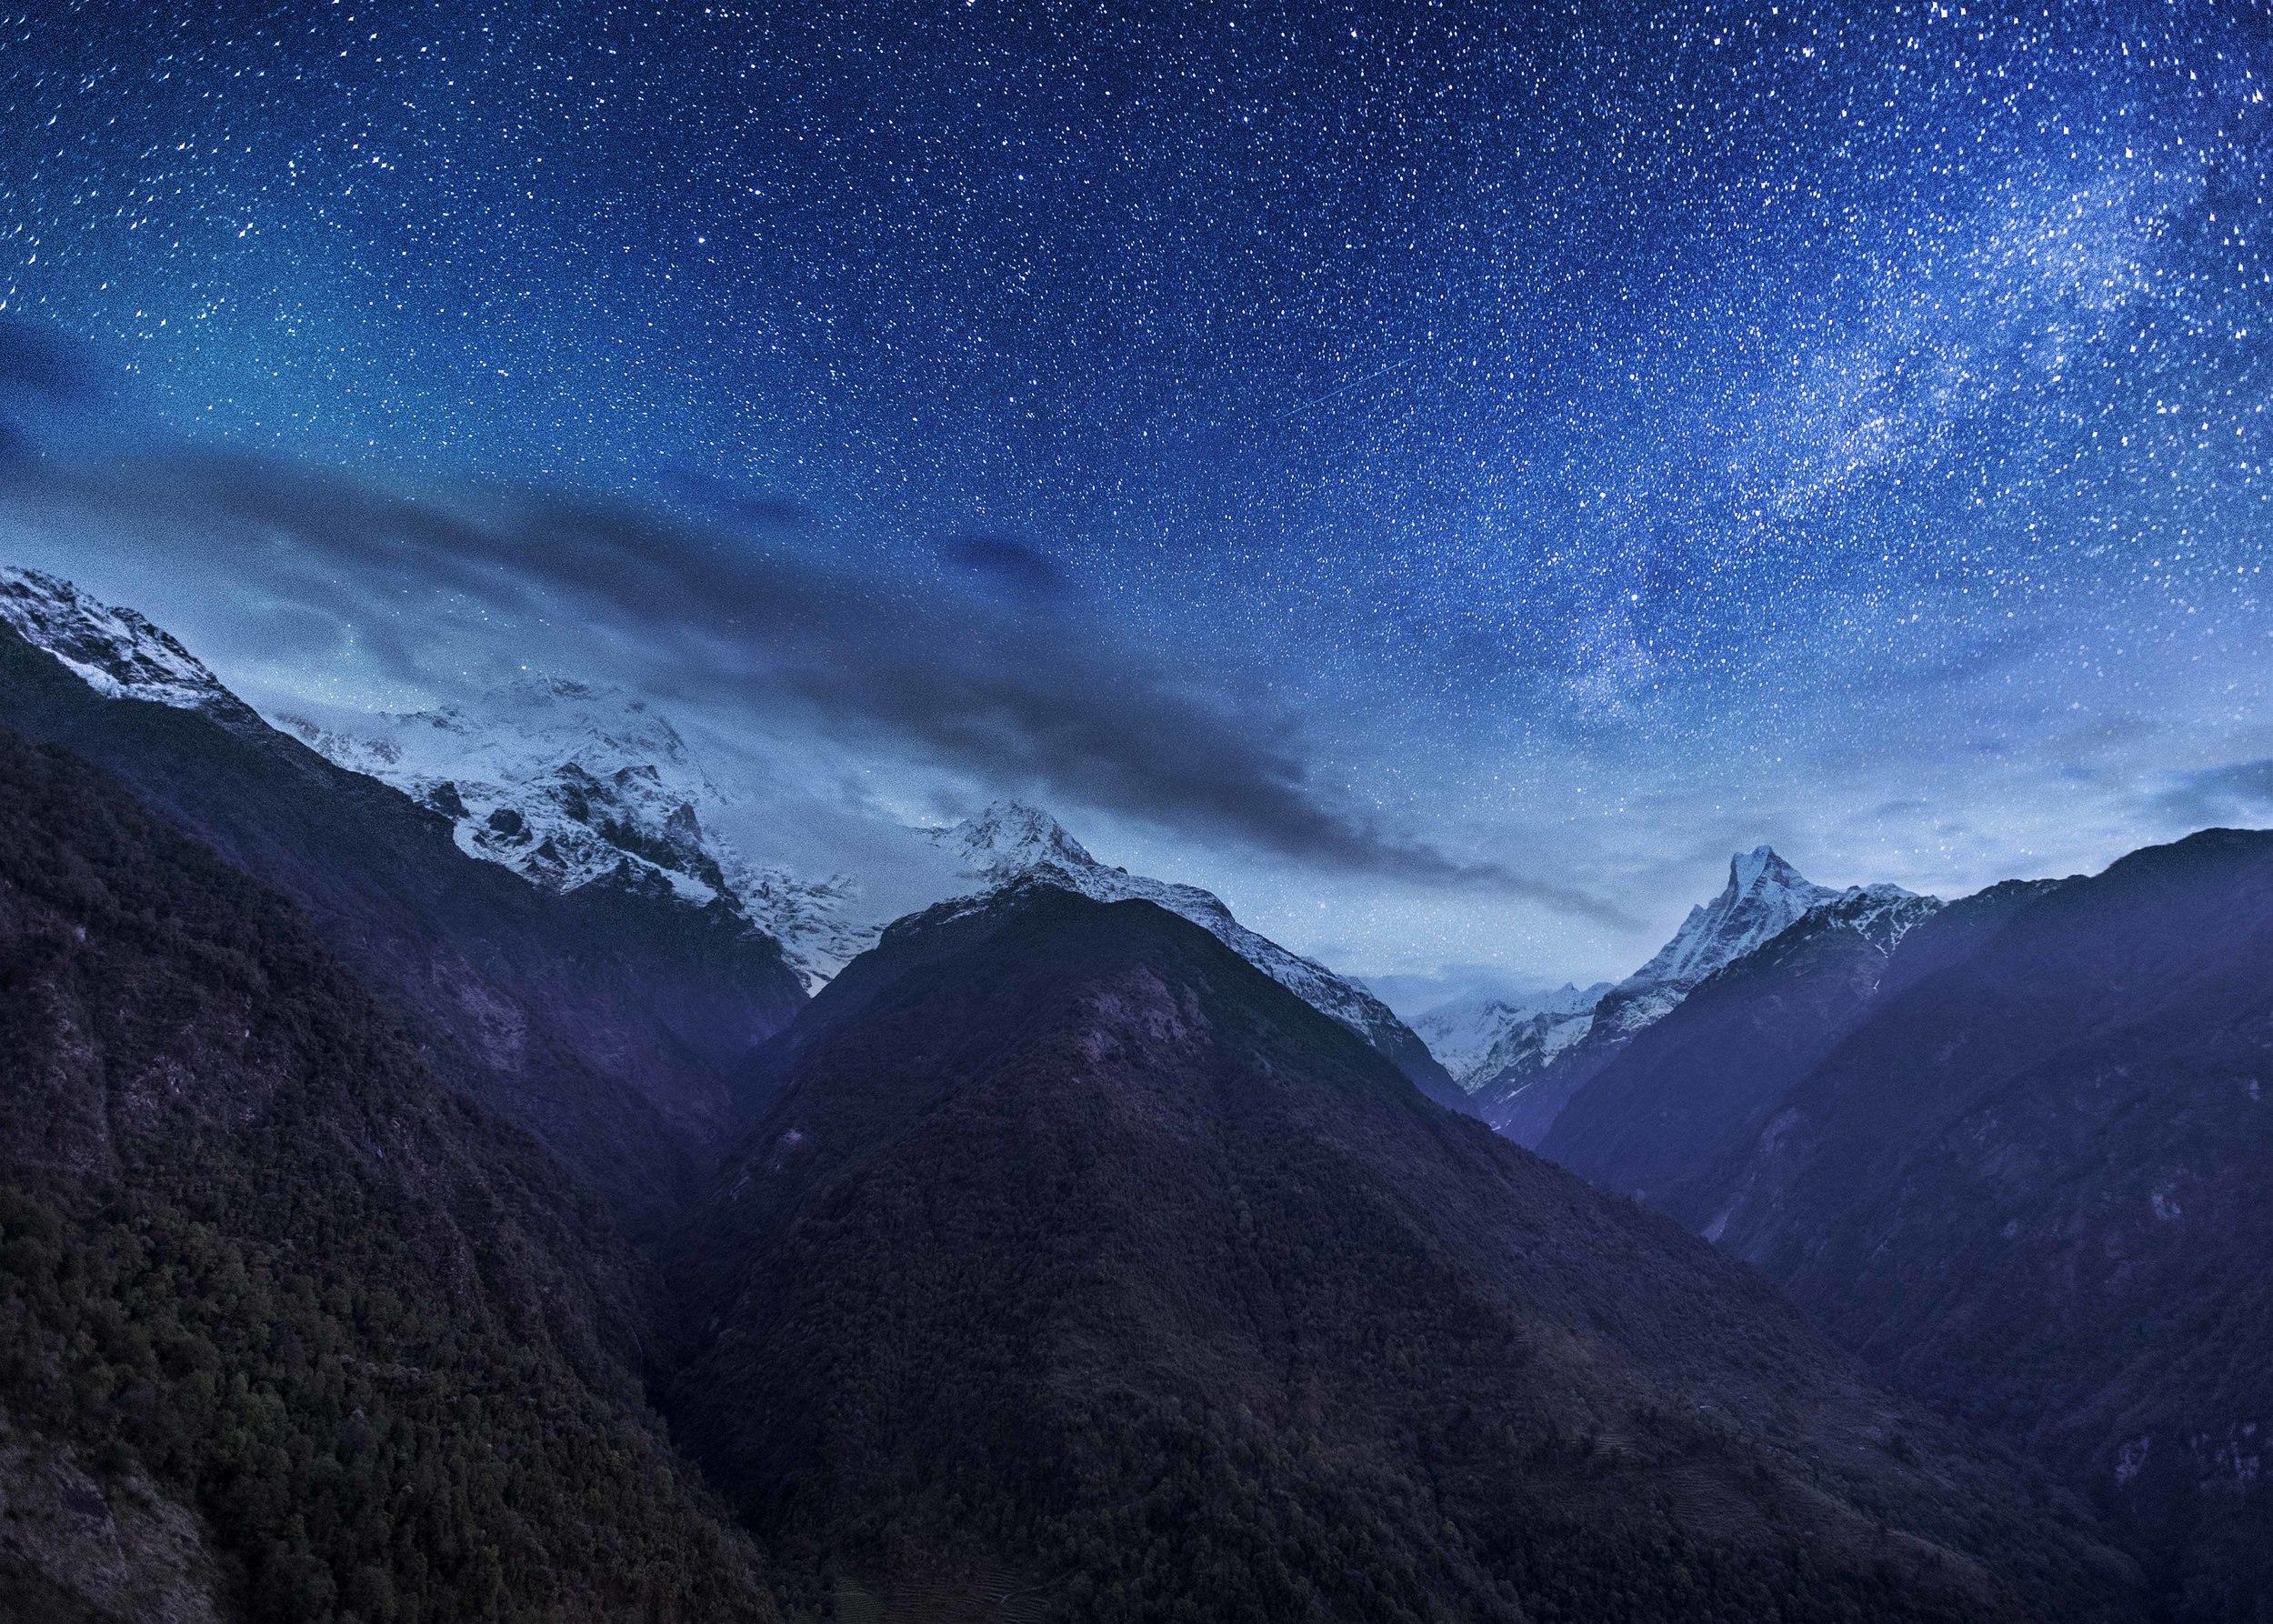 MHood_2015_04_15_Annapurna_Startrail_TL1_DSC07437_1.jpg